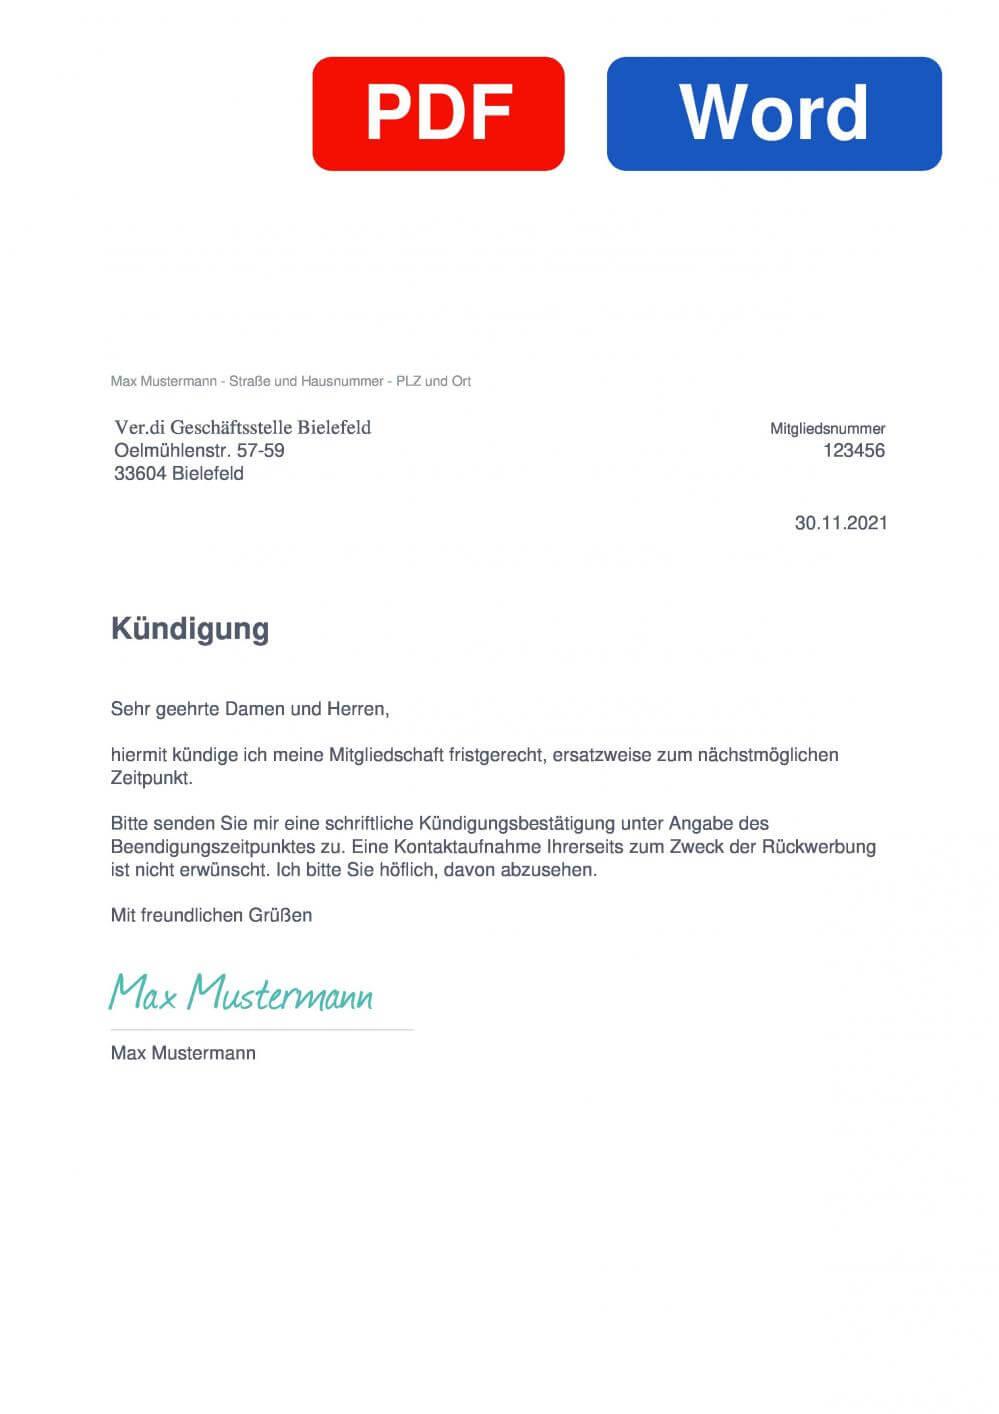 Verdi Geschäftsstelle Bielefeld Muster Vorlage für Kündigungsschreiben